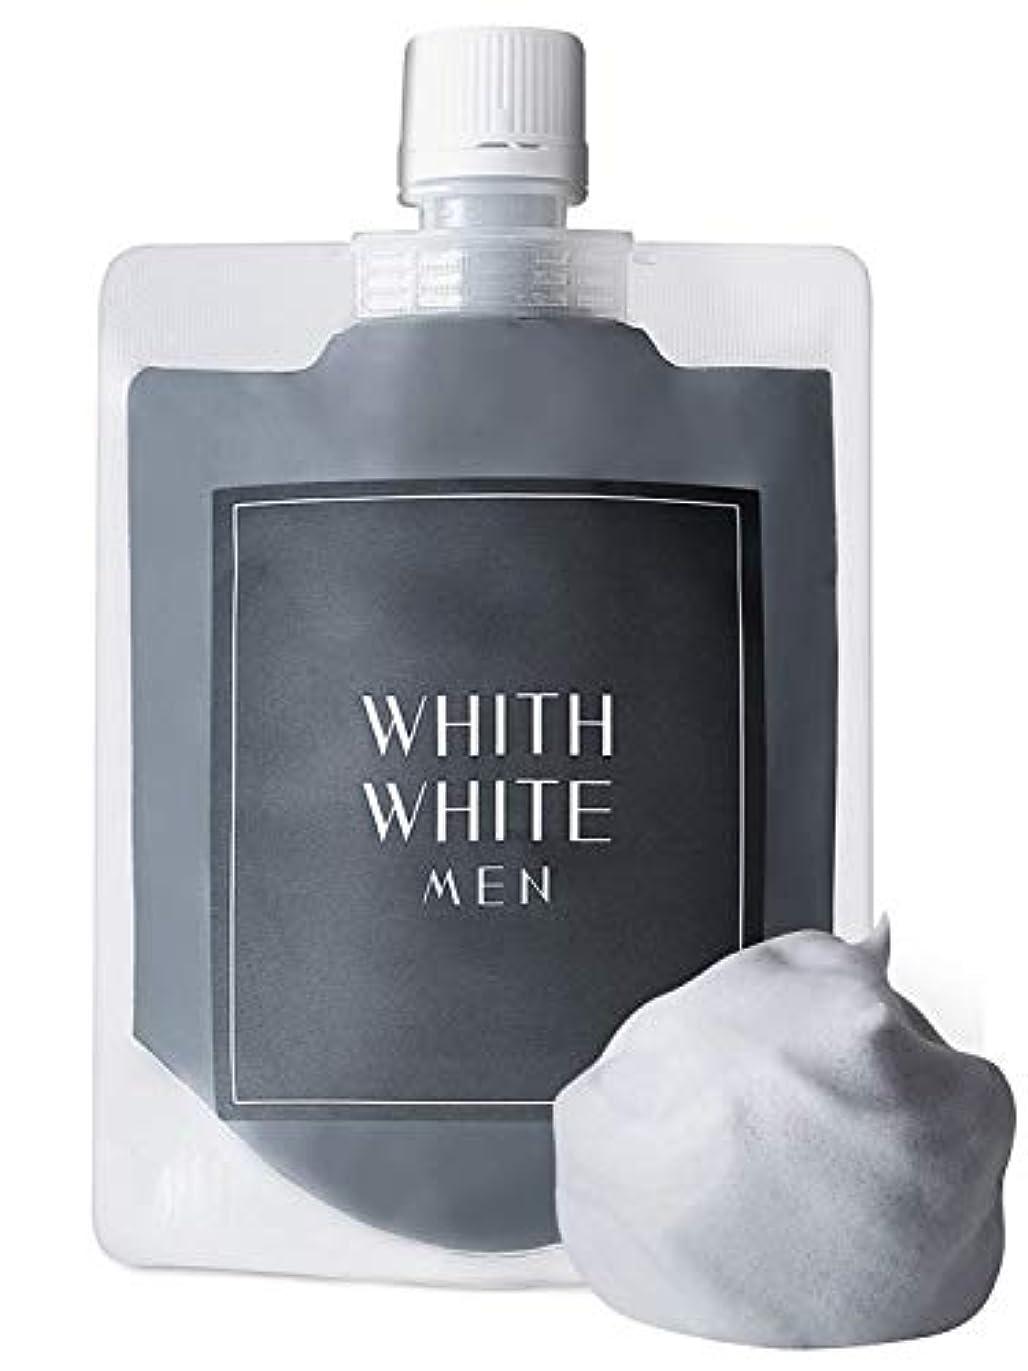 受け入れた適切にオープナーフィス ホワイト メンズ 泥 洗顔 ネット 付き 8つの 無添加 洗顔フォーム (炭 泡 クレイ で 顔 汚れ を 落とす) (日本製 洗顔料 130g リッチ セット)(どろ で 毛穴 を ごっそり 除去)